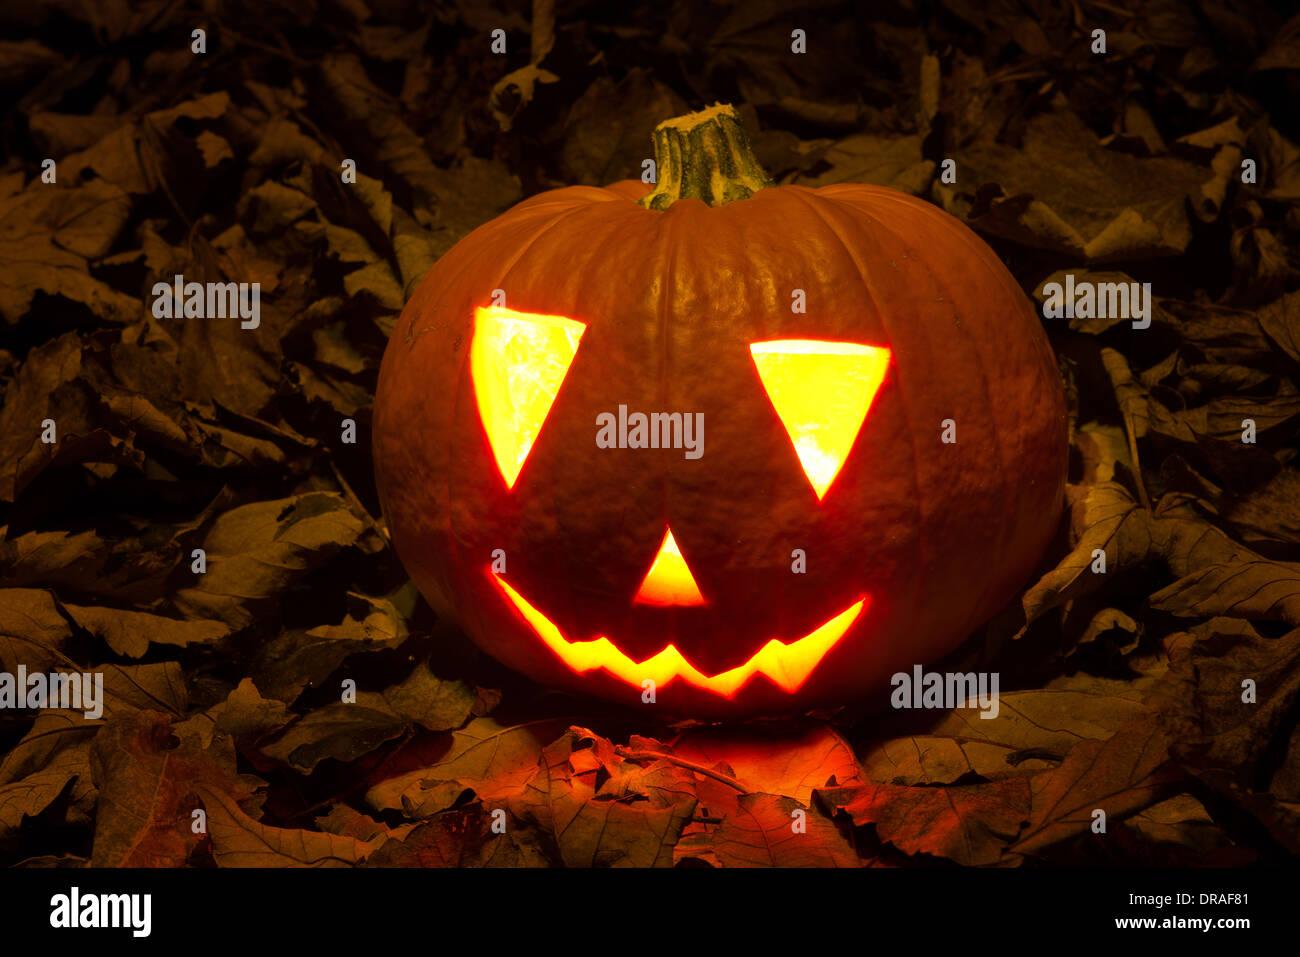 Zucca Halloween Essiccare.Jack O Lantern Halloweens Zucca On Dark Foglie Essiccate